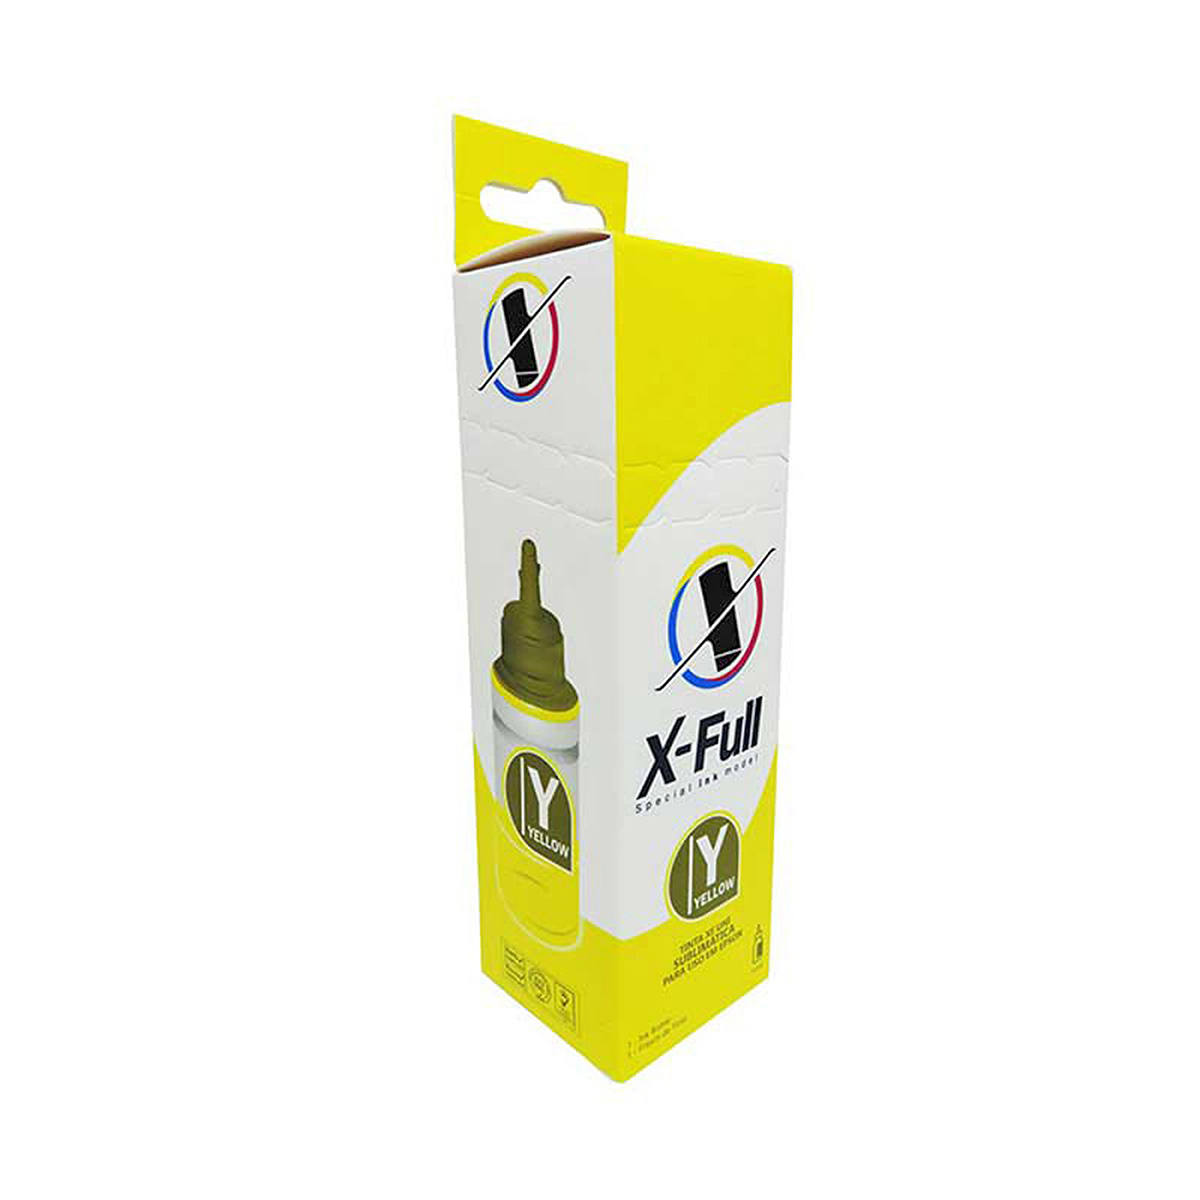 Tinta Sublimática X-Full para uso em todas as Impressoras Epson L Series 664 / Amarelo / Refil 100ml